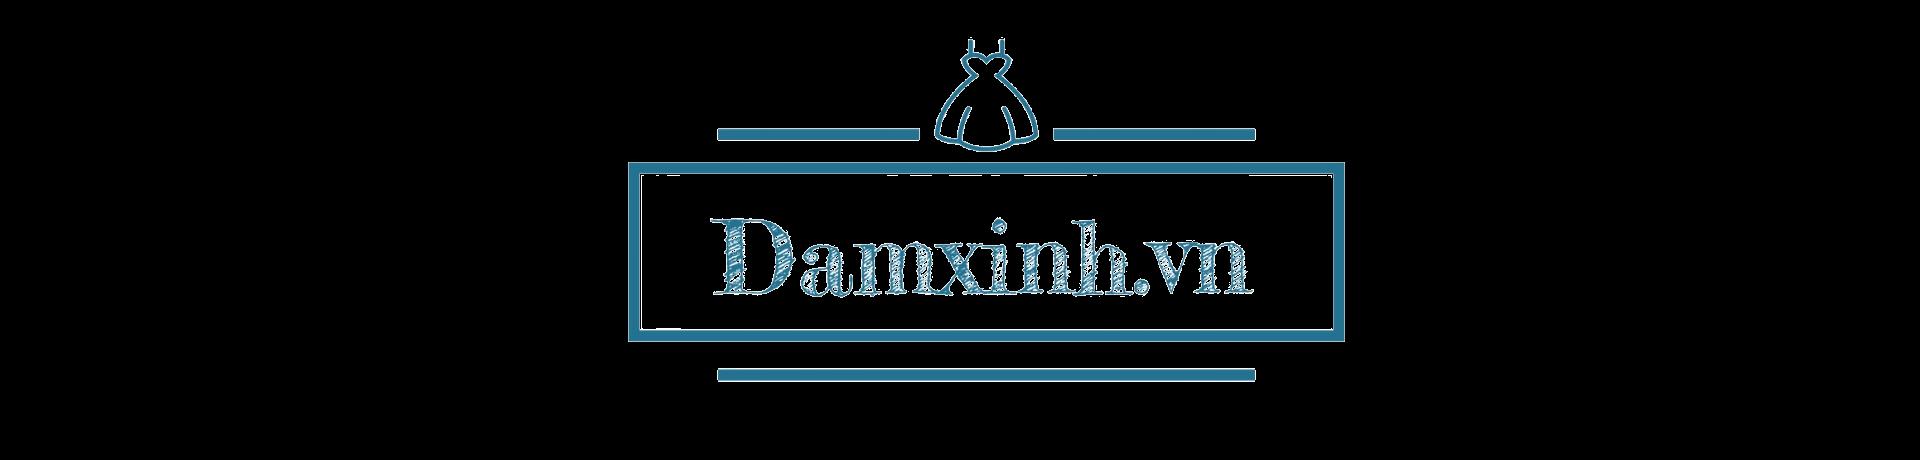 Damxinh.vn